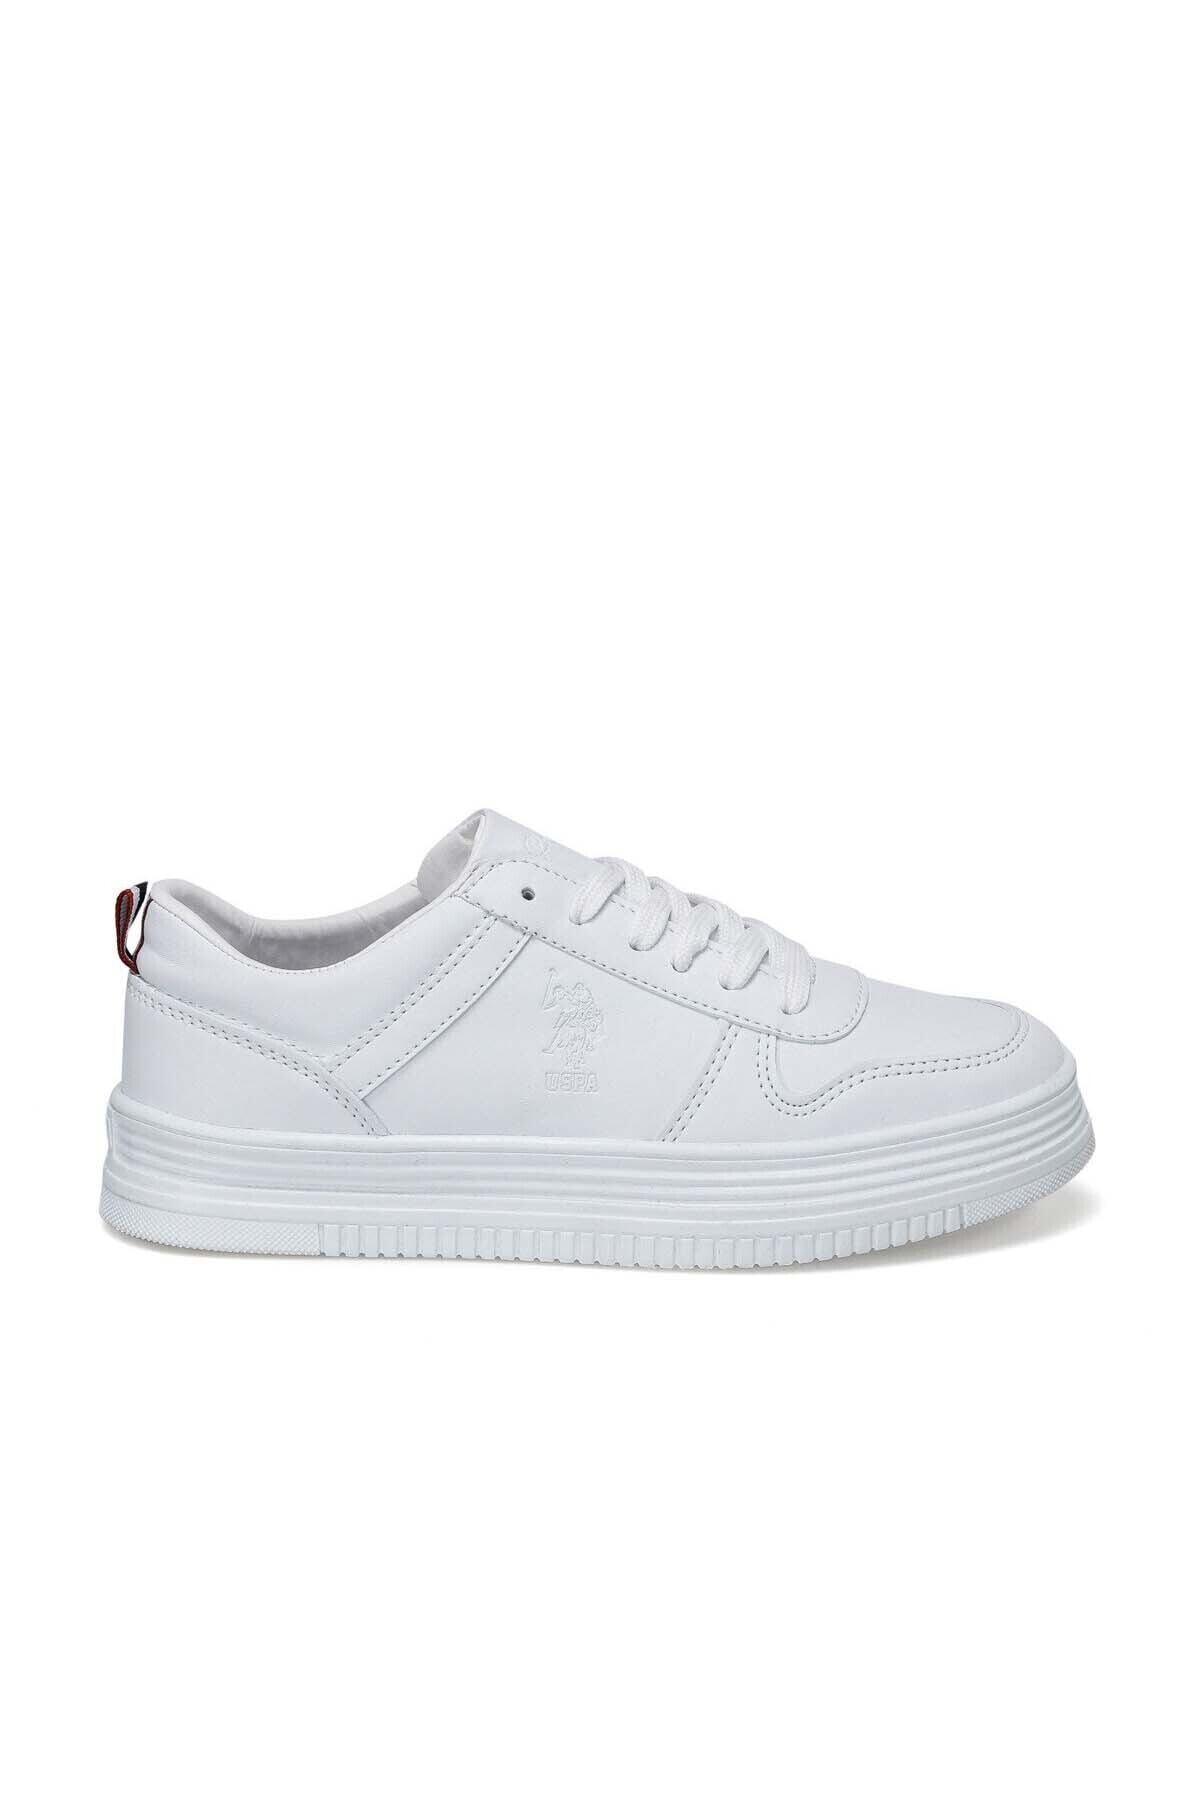 U.S. Polo Assn. Kadın Beyaz Spor Ayakkabı 100371036 2